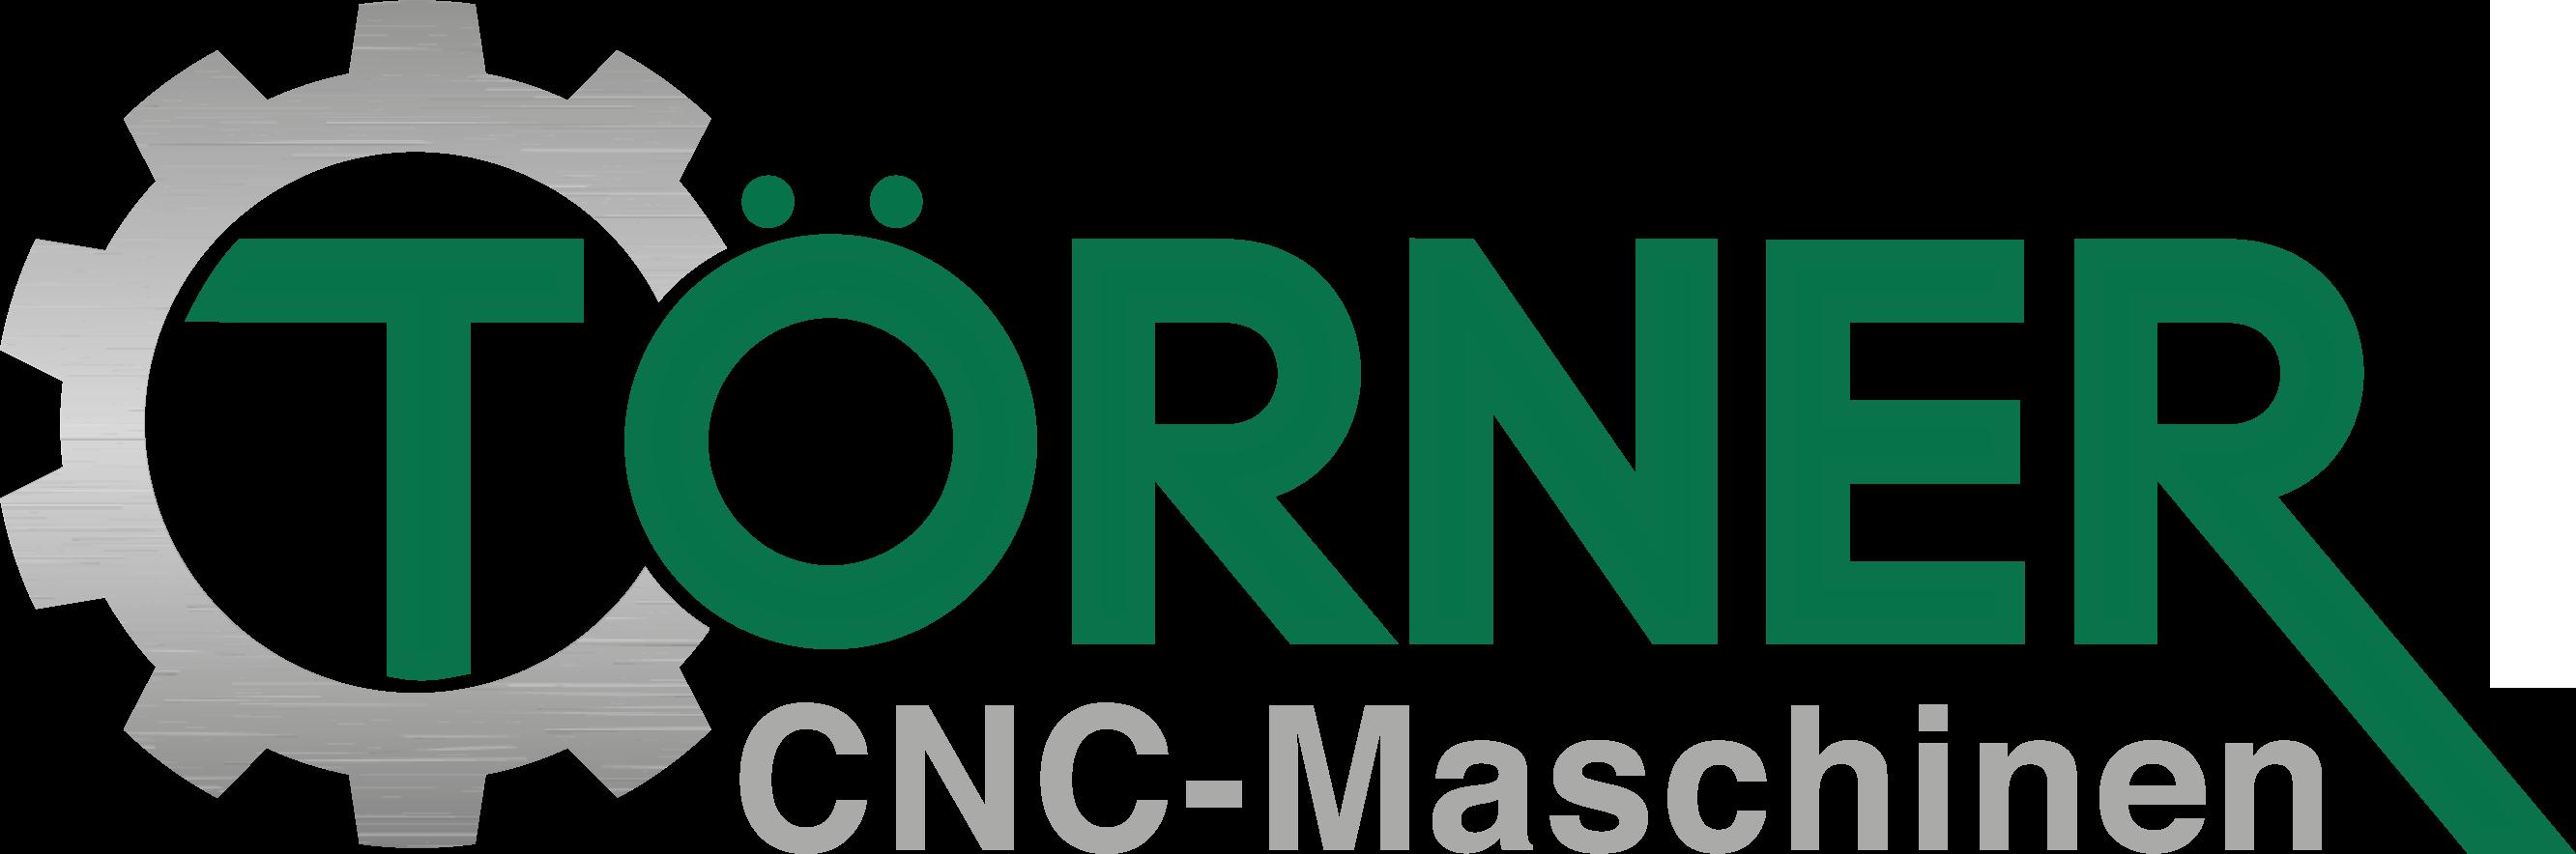 Törner CNC-Maschinen